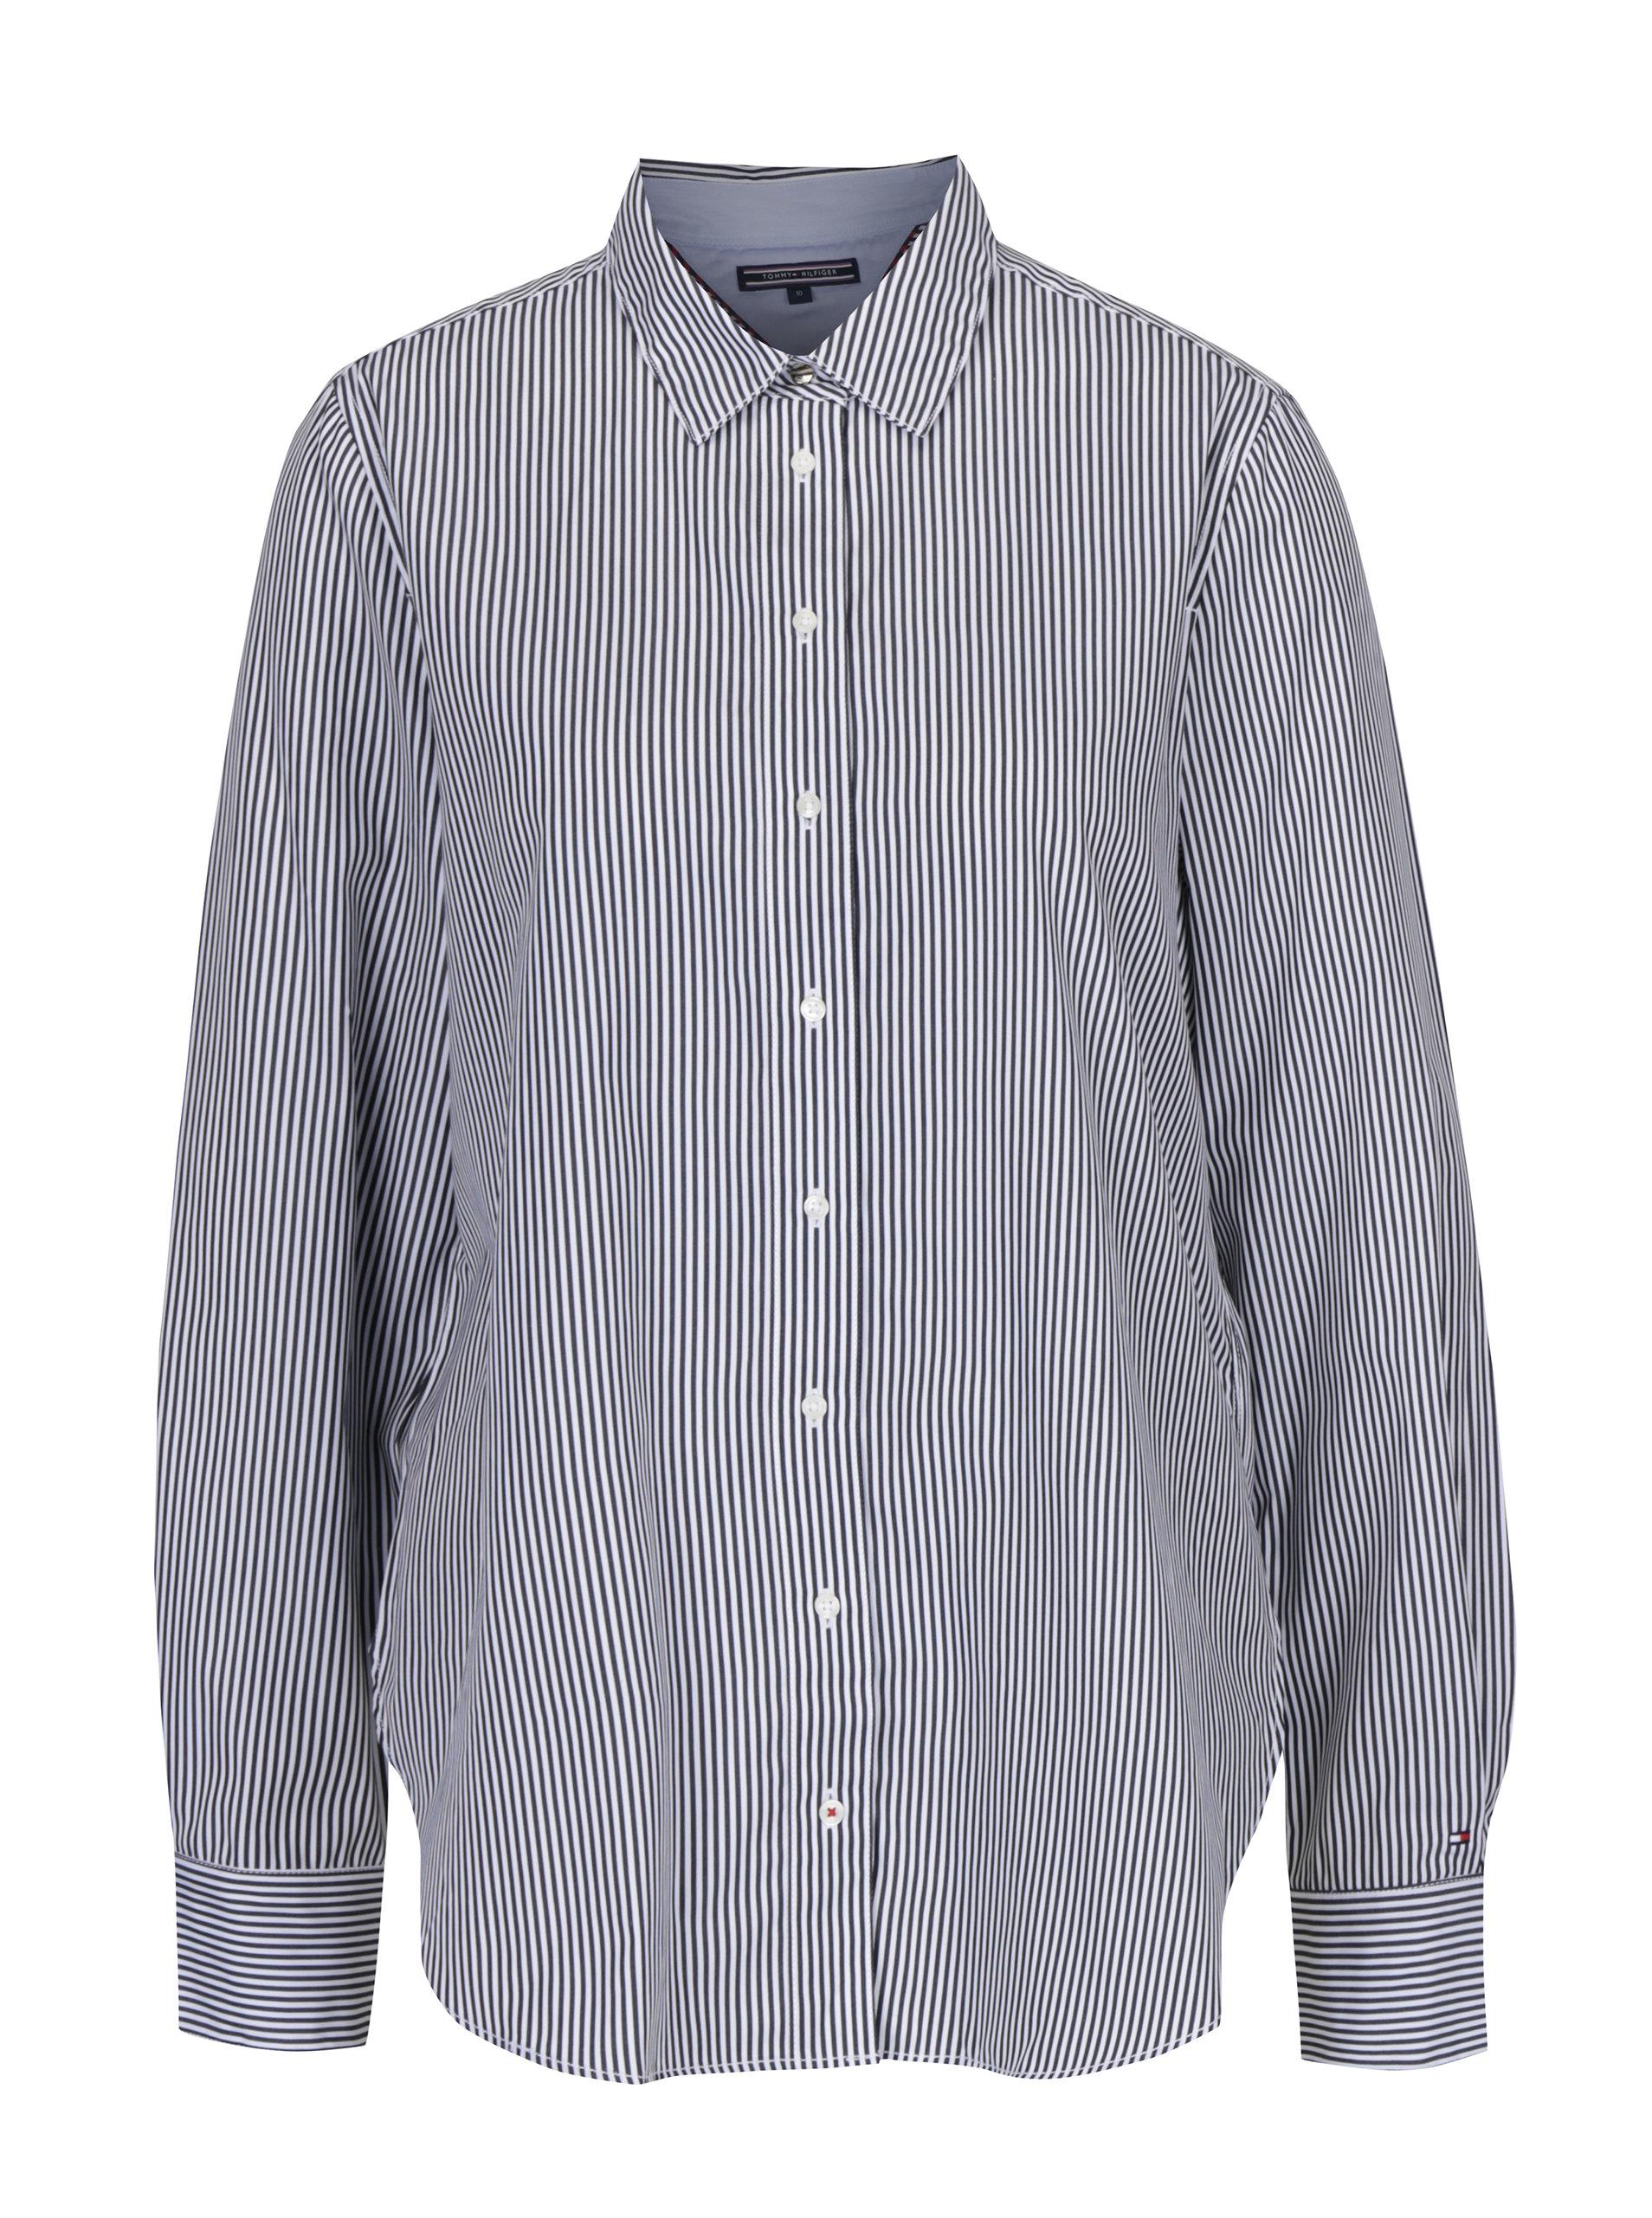 Bielo-čierna dámska pruhovaná košeľa Tommy Hilfiger ... bb6b6fae957